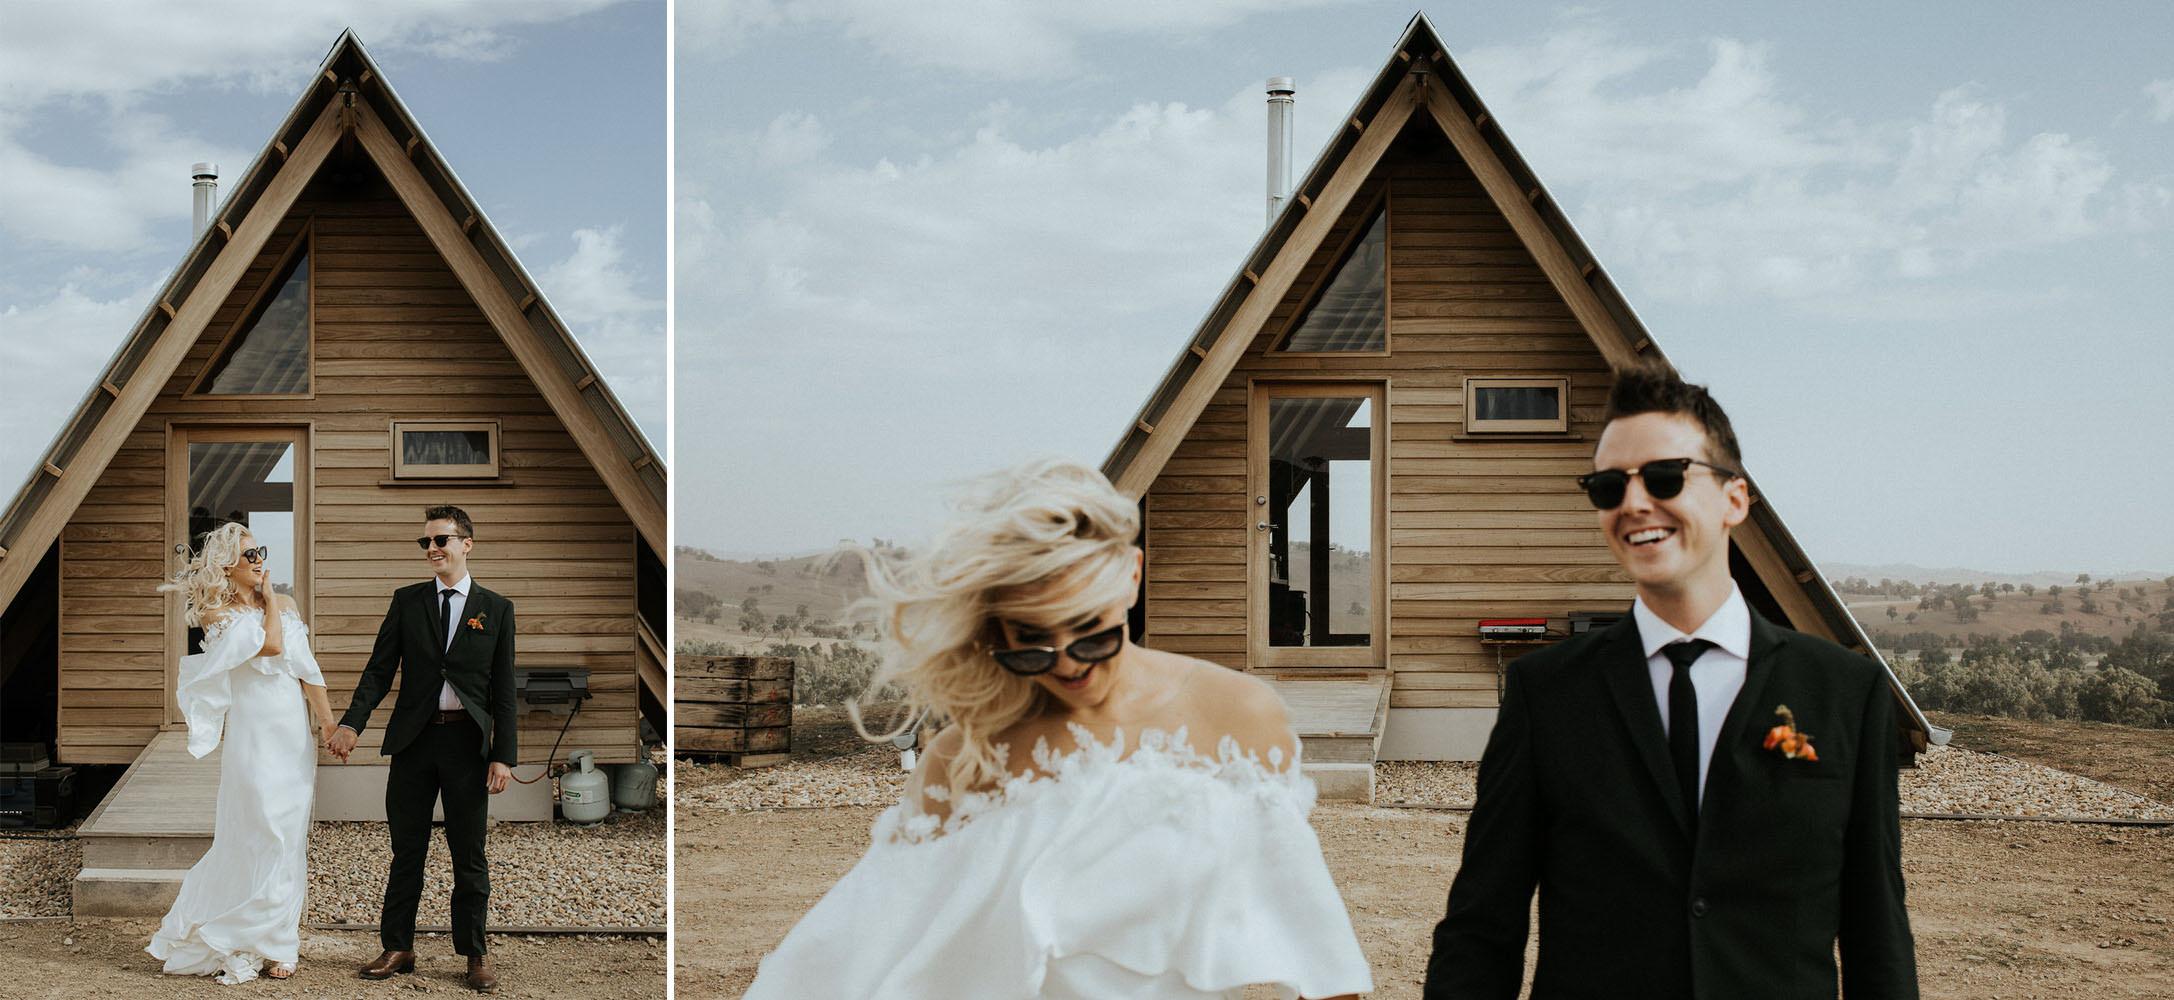 kimo-estate-wedding-photography-33.jpg